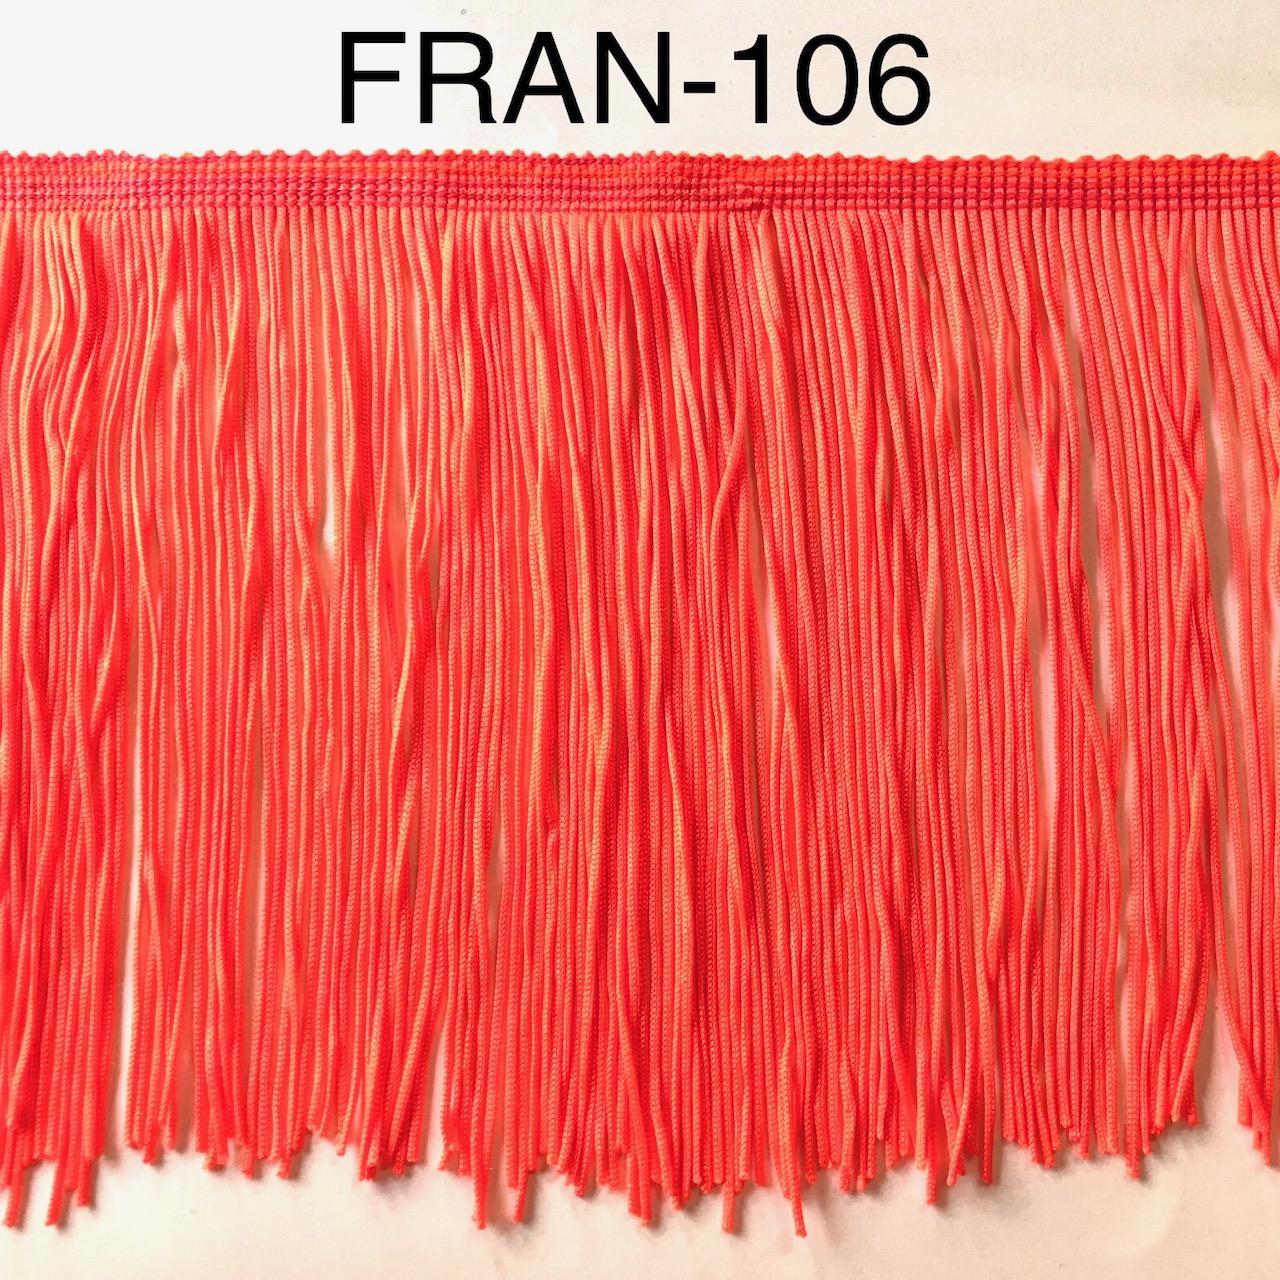 Franges a coudre 15cm 106